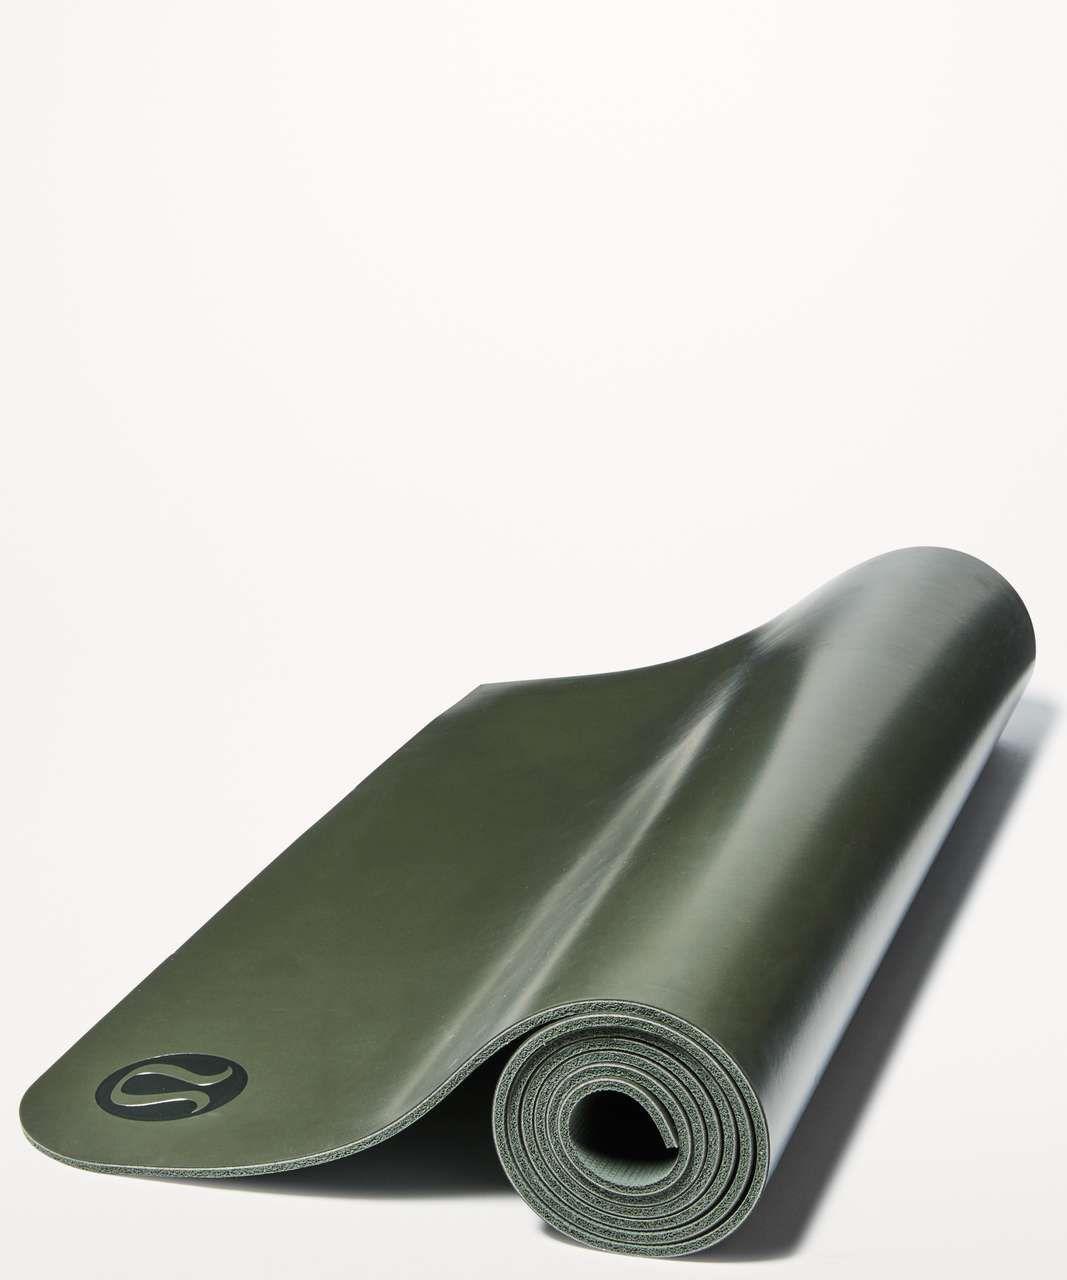 Lululemon The Reversible Mat 5mm Dark Olive / Gator